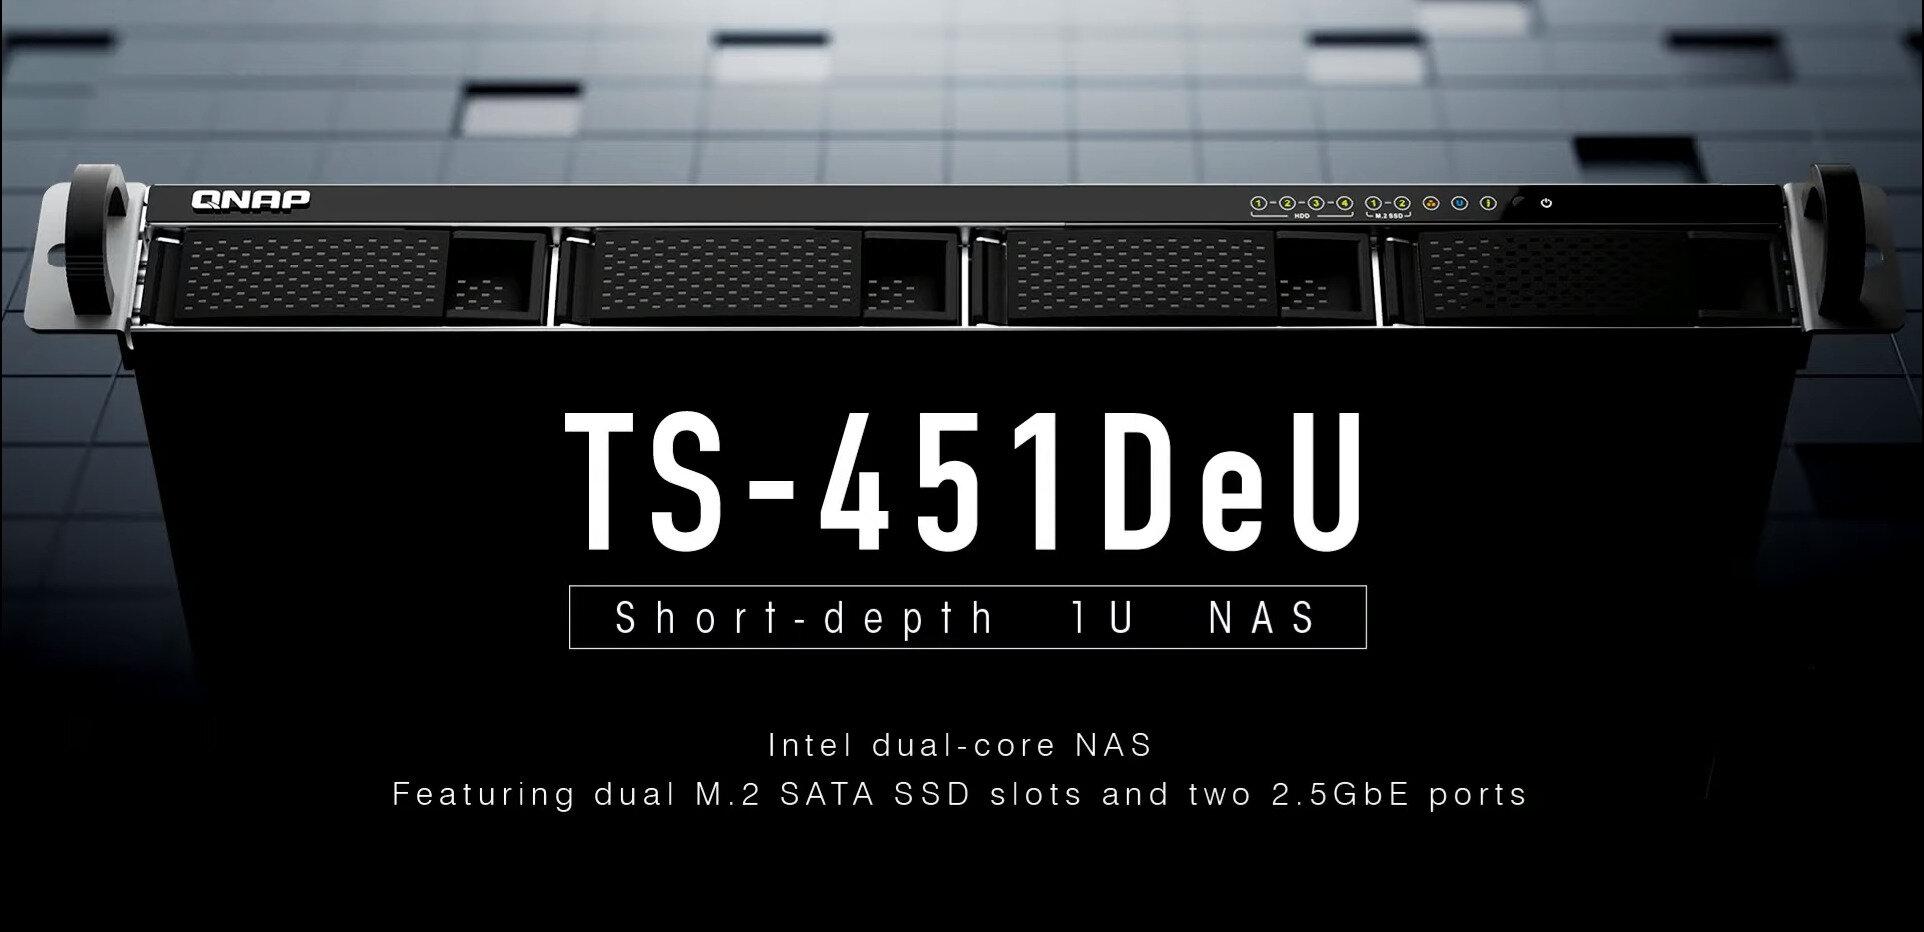 QNAP annonce son NAS TS-451DeU au format 1U (quatre baies) avec Celeron, 2x M.2 et 2x 2,5 Gb/s